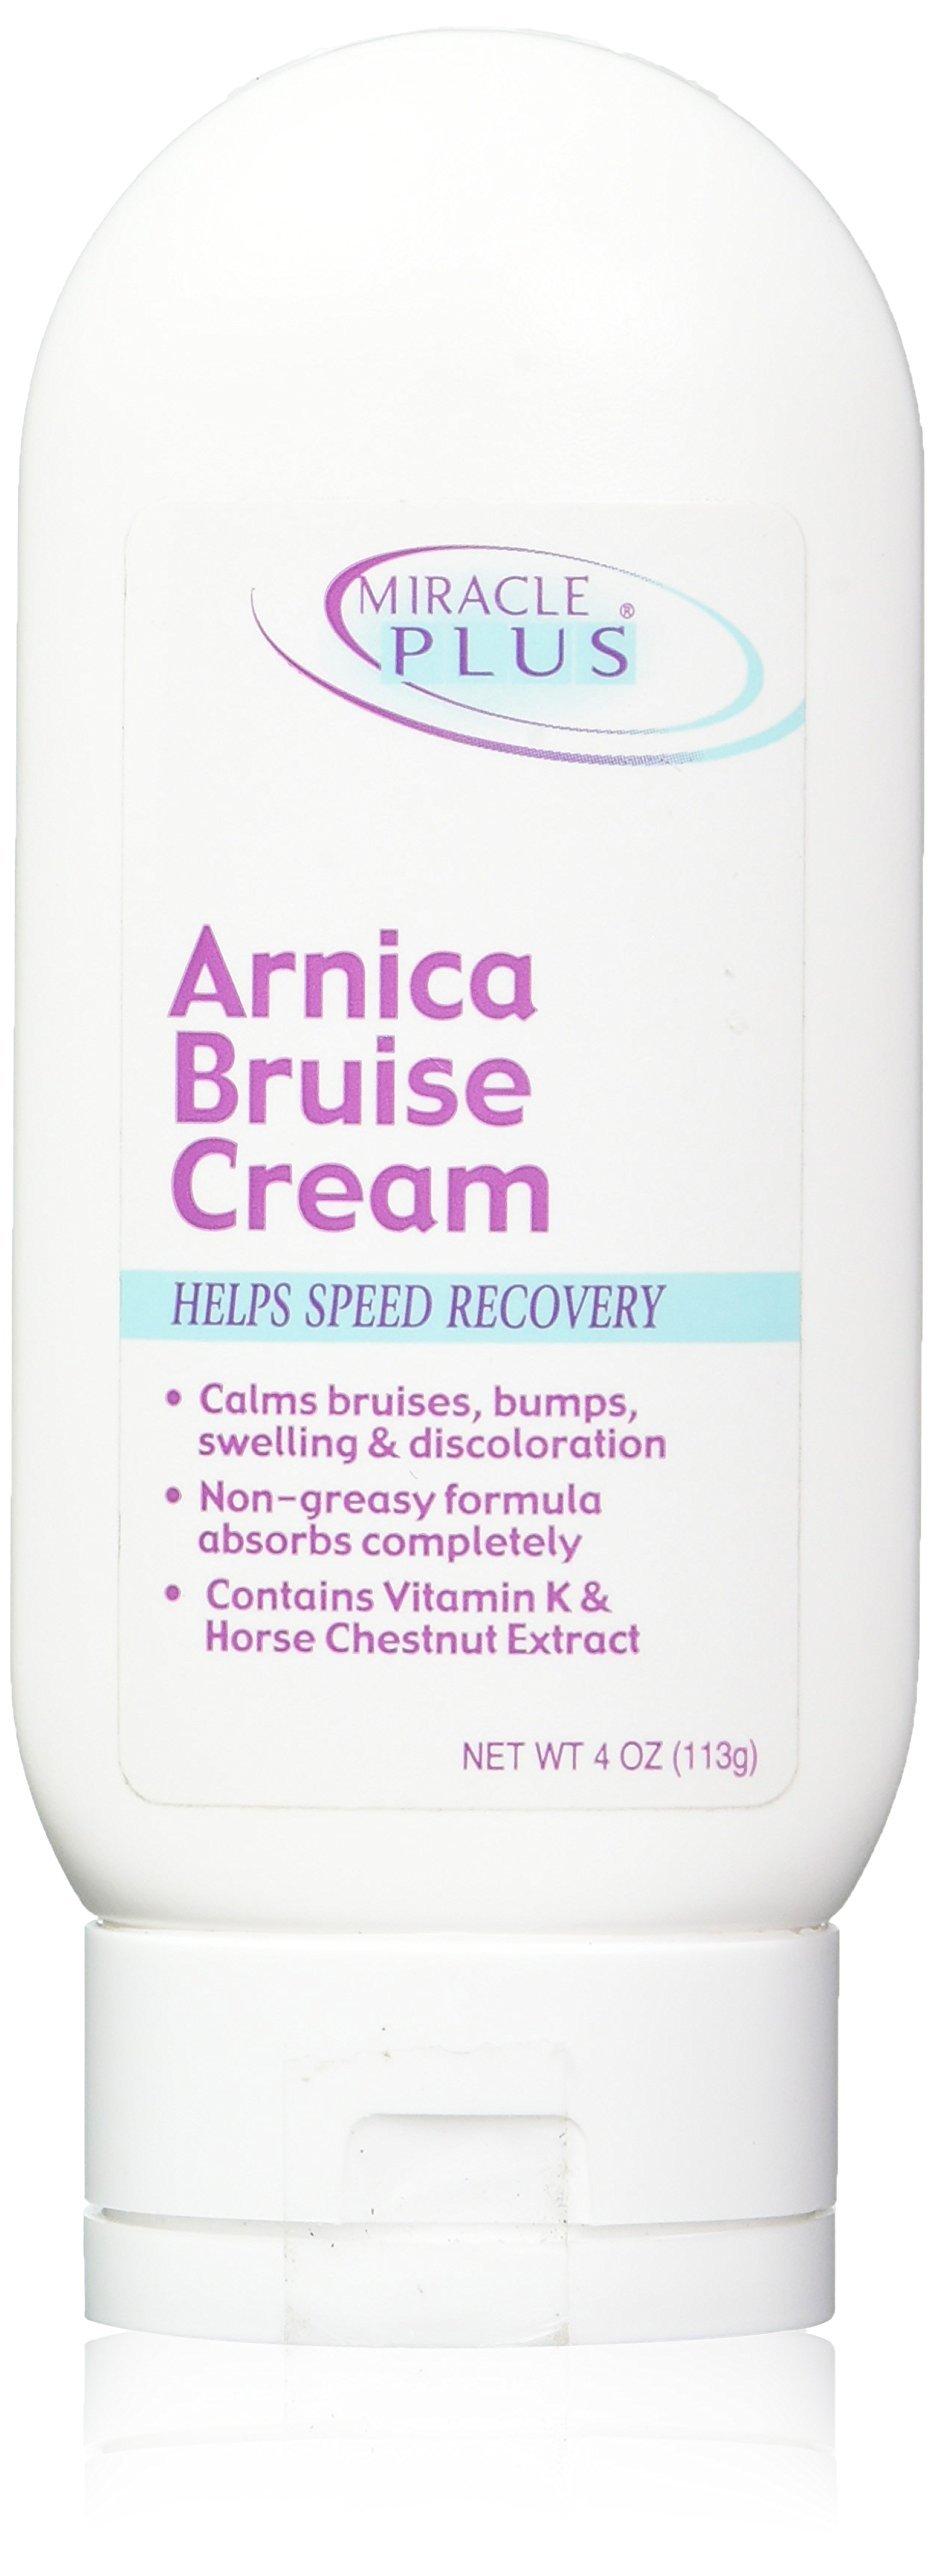 Miracle Plus Arnica Bruise Cream,4 oz